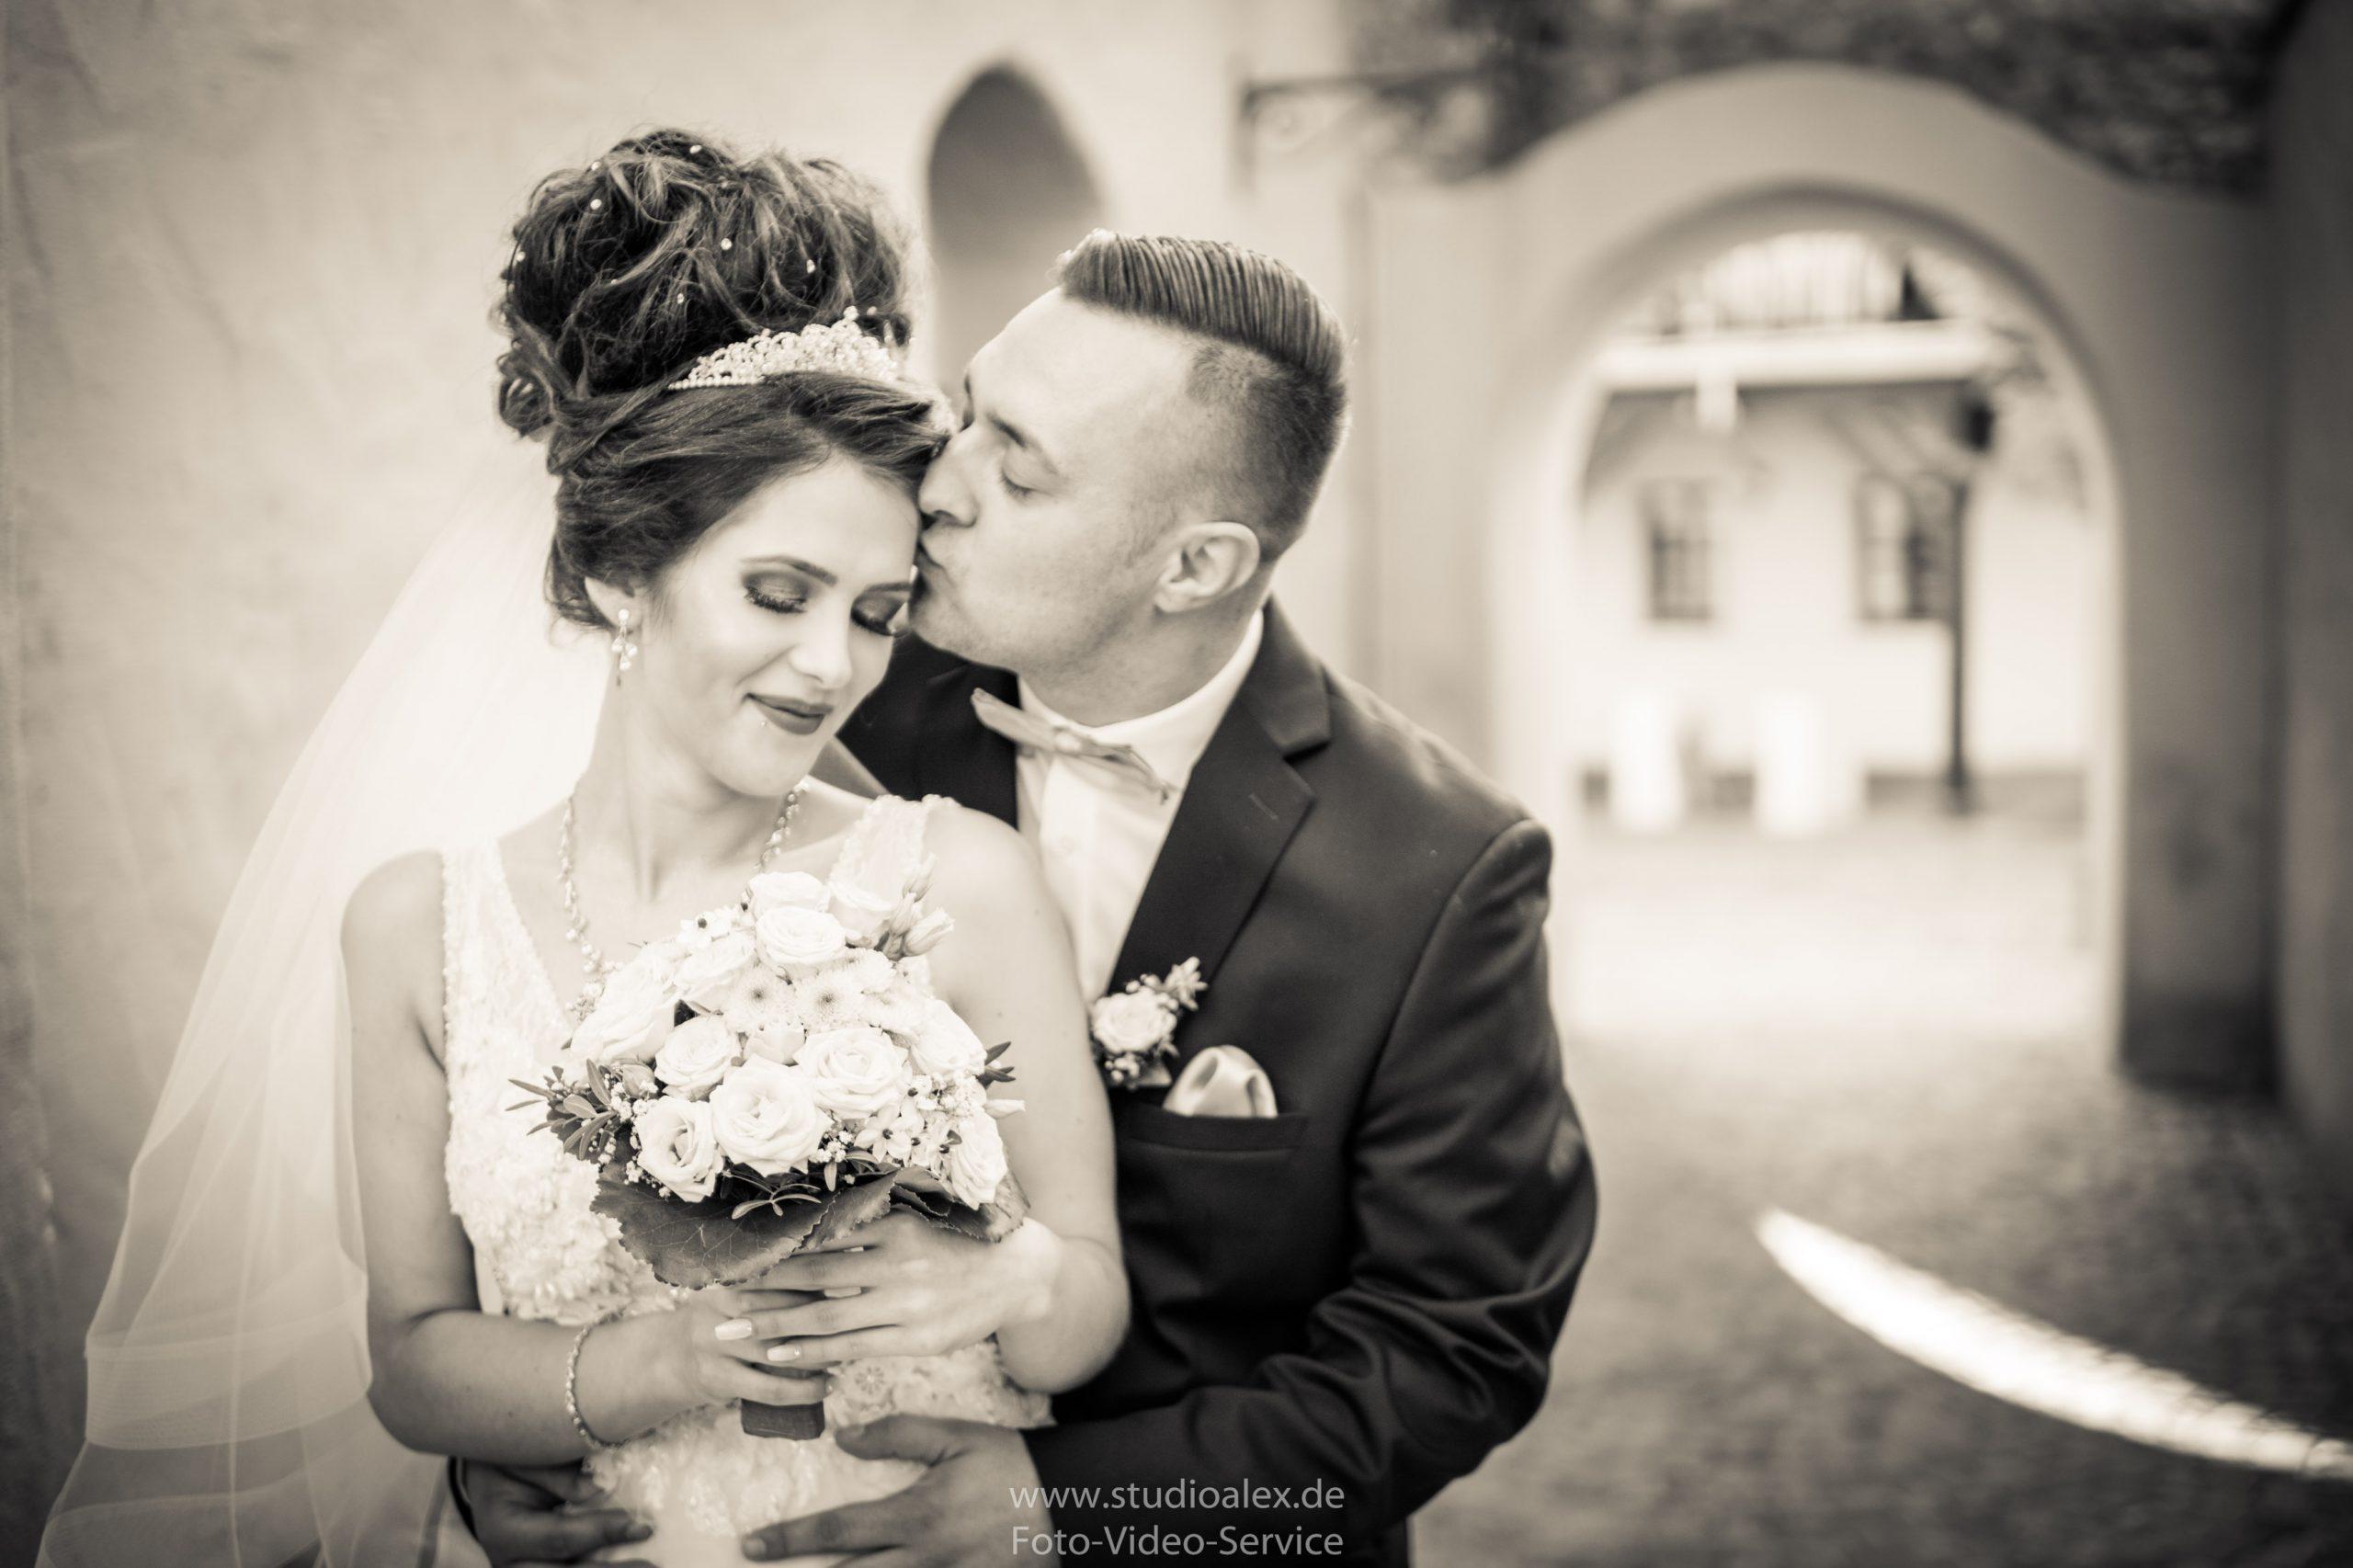 Hochzeitsfotograf-Amberg-Hochzeitsfotografie-Amberg-Hochzeitsfotos-Amberg-Hochzeitsbilder-Amberg-Fotograf-Hochzeit-Amberg-06277-scaled.jpg